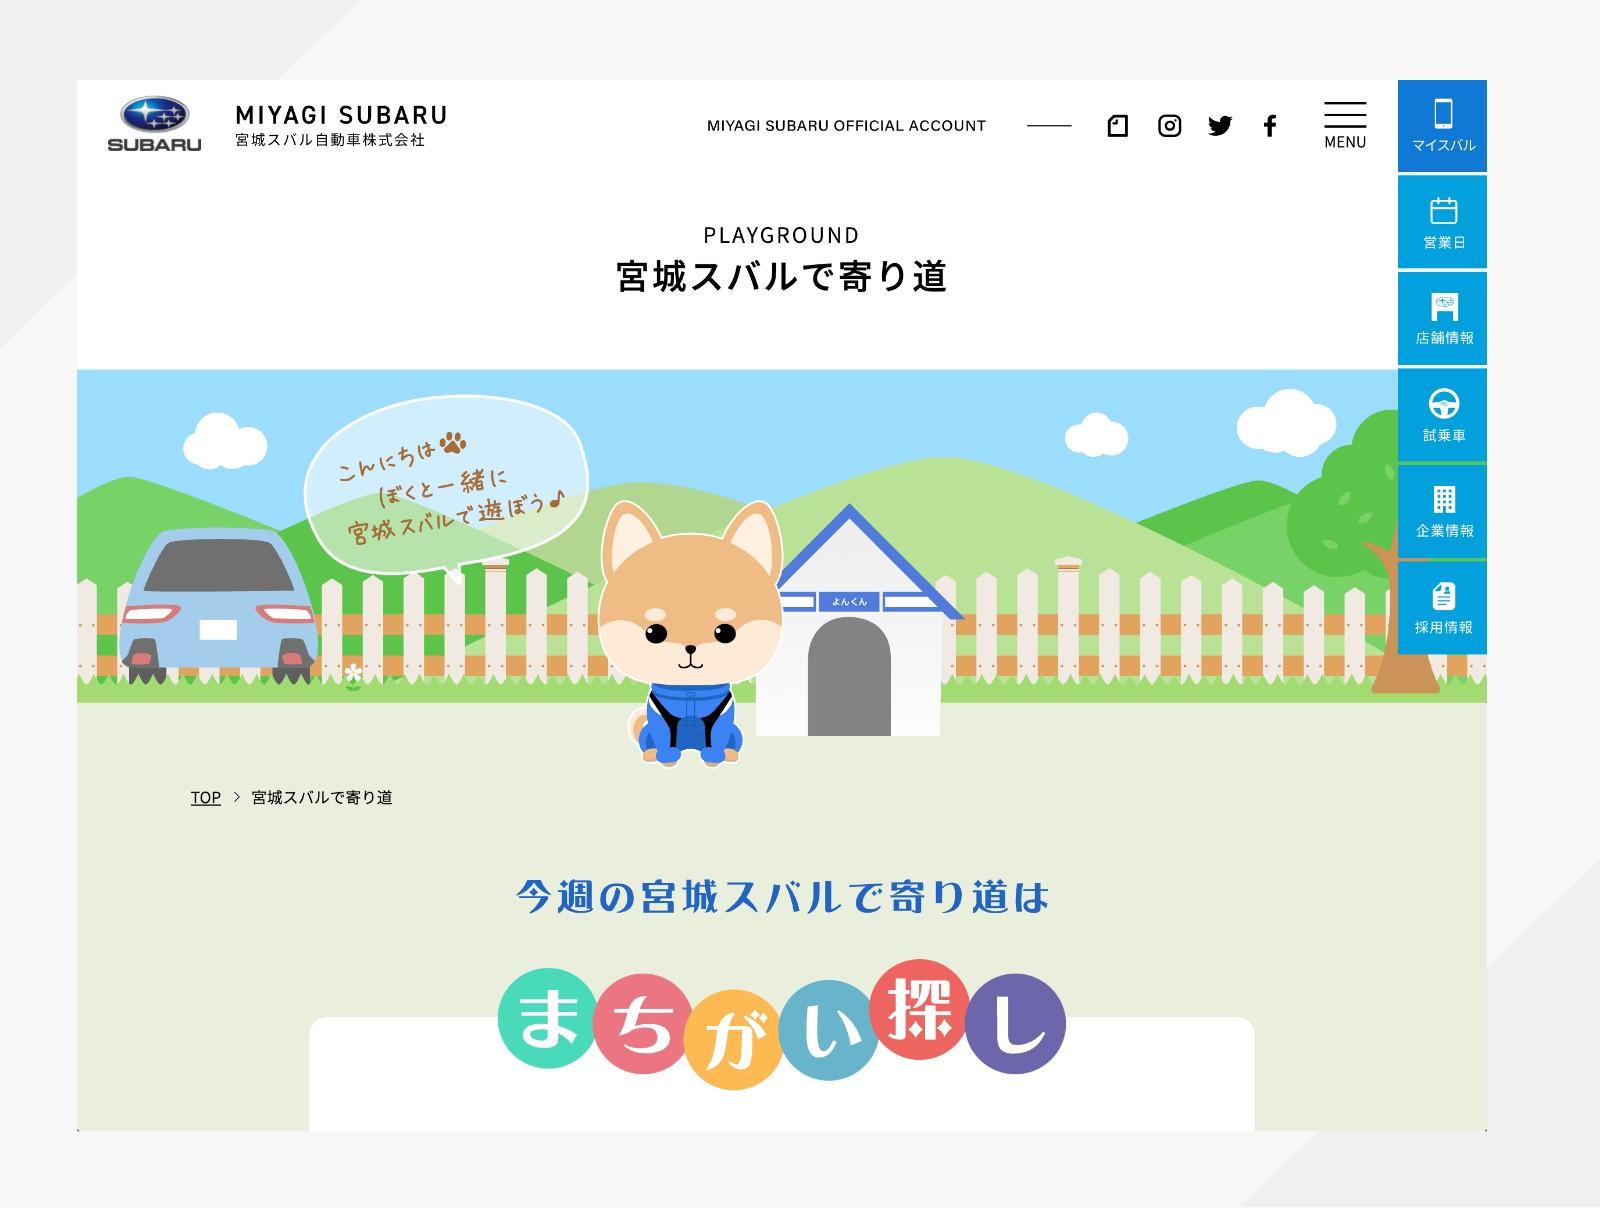 宮城スバルホームページキャラクター制作